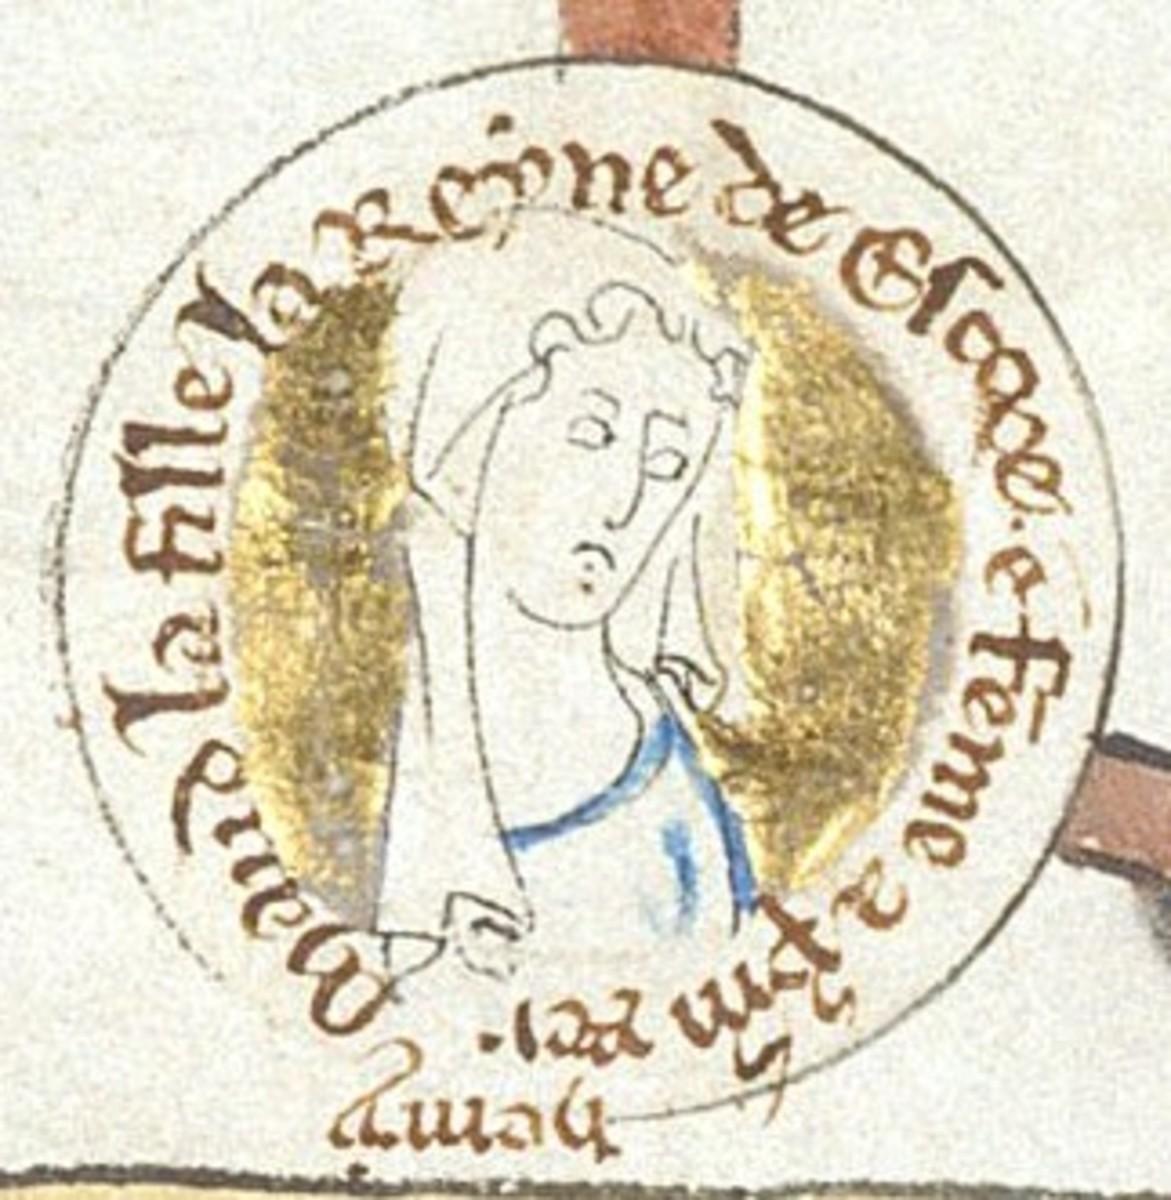 13th century depiction of Matilda.